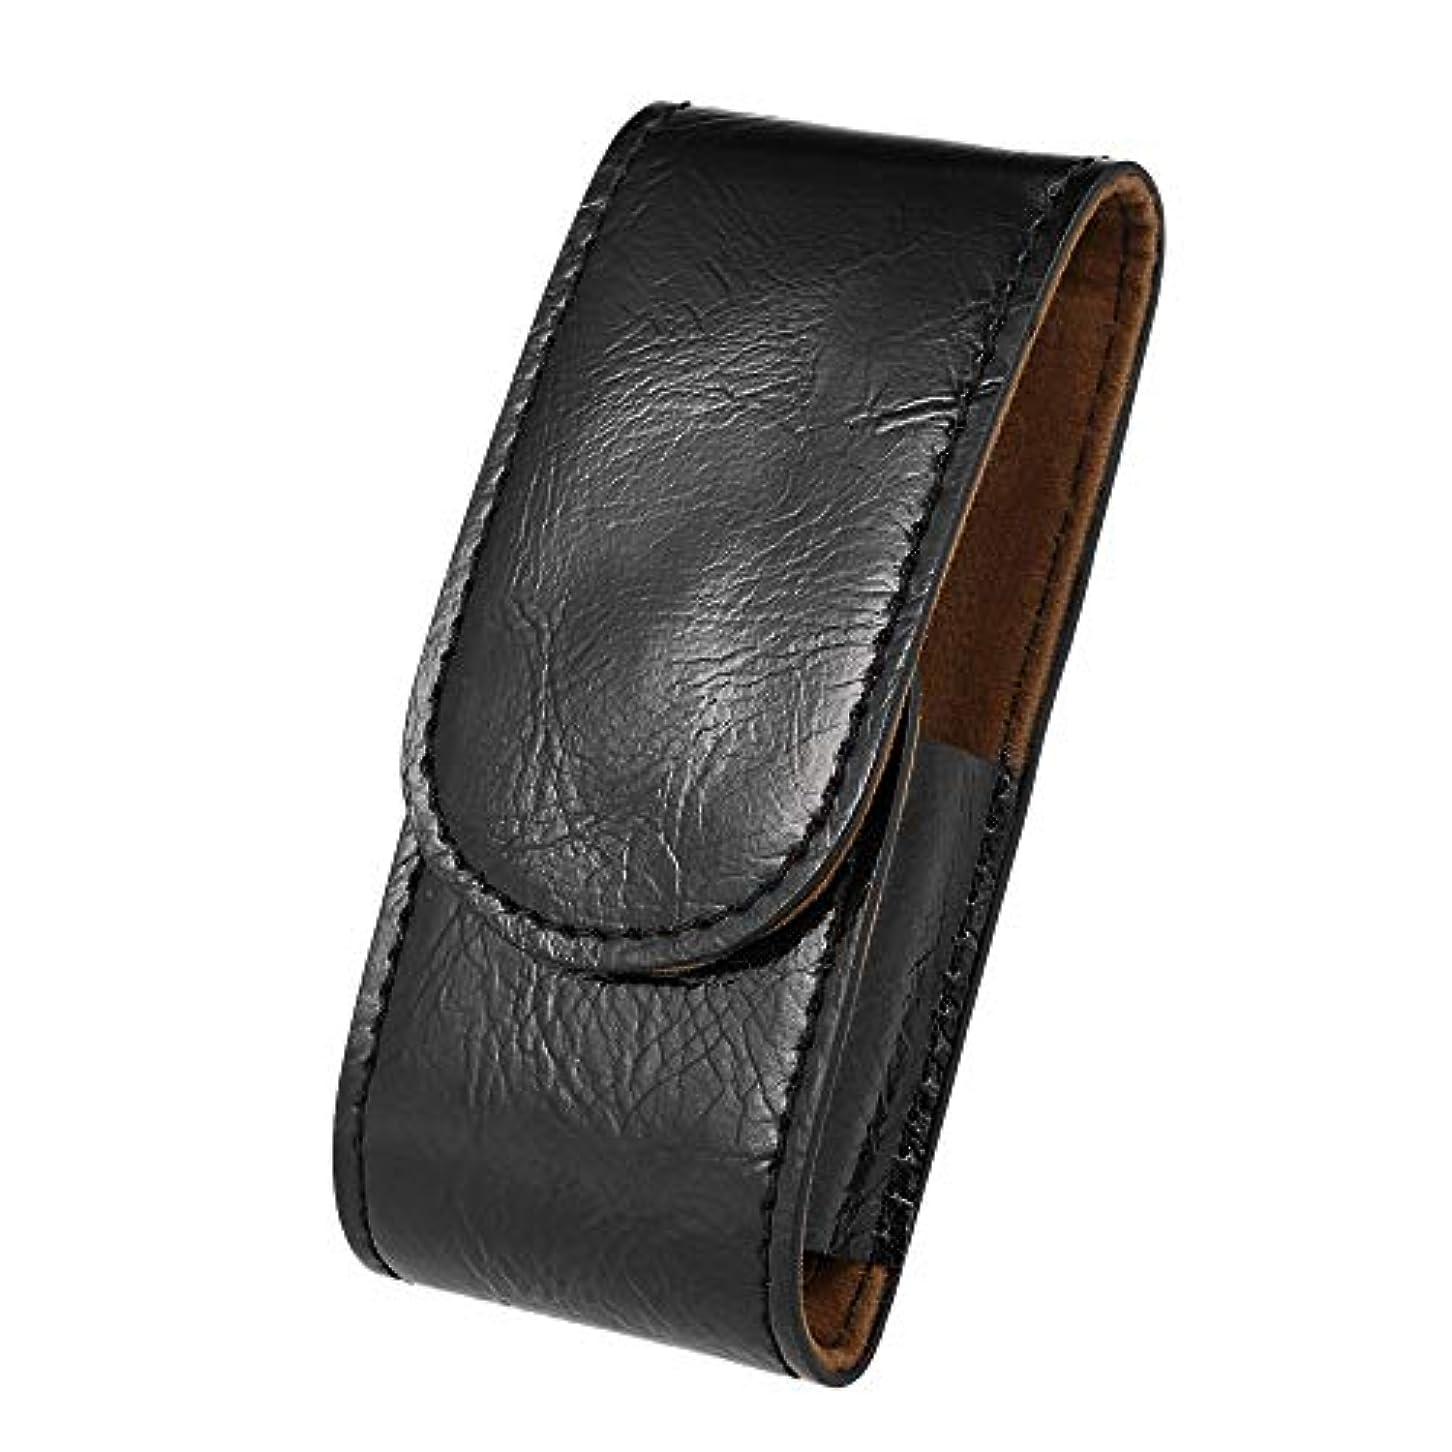 ループスナップ銀行Men PU Leather Razor Pouch Shave Beard Shaver Handbag Pouch Safety Razor Case Storage Bag Double Edge Razor Holder